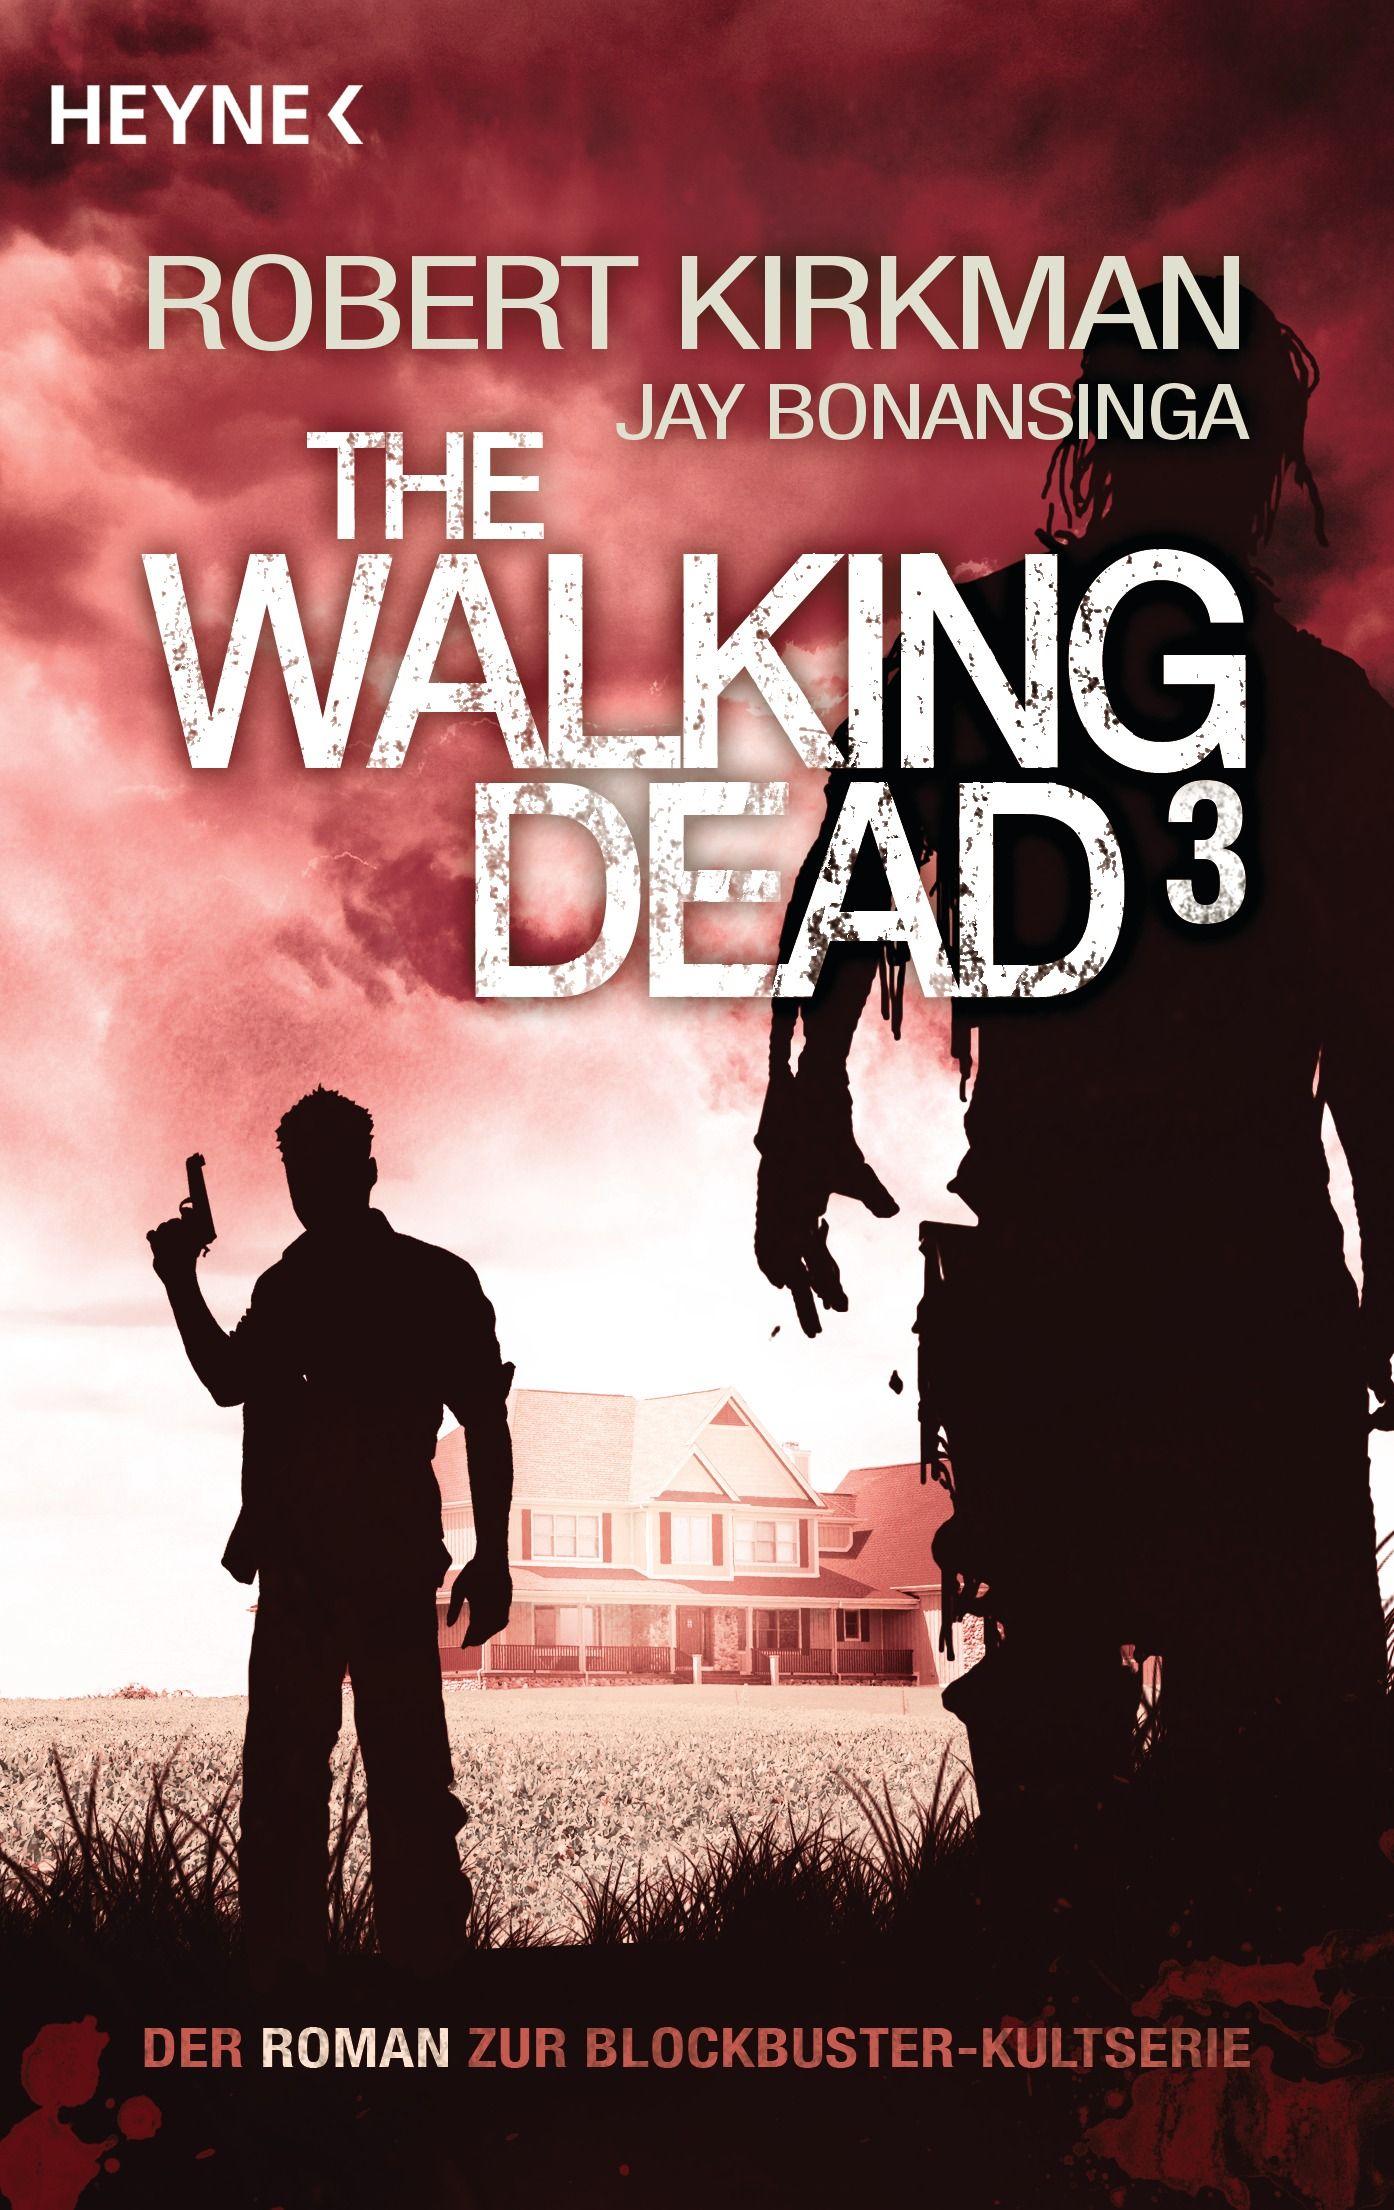 The Walking Dead 3 von Robert Kirkman, Jay Bonansinga - Es gibt kein Entkommen! Die Romane zur TV-Blockbuster Serie